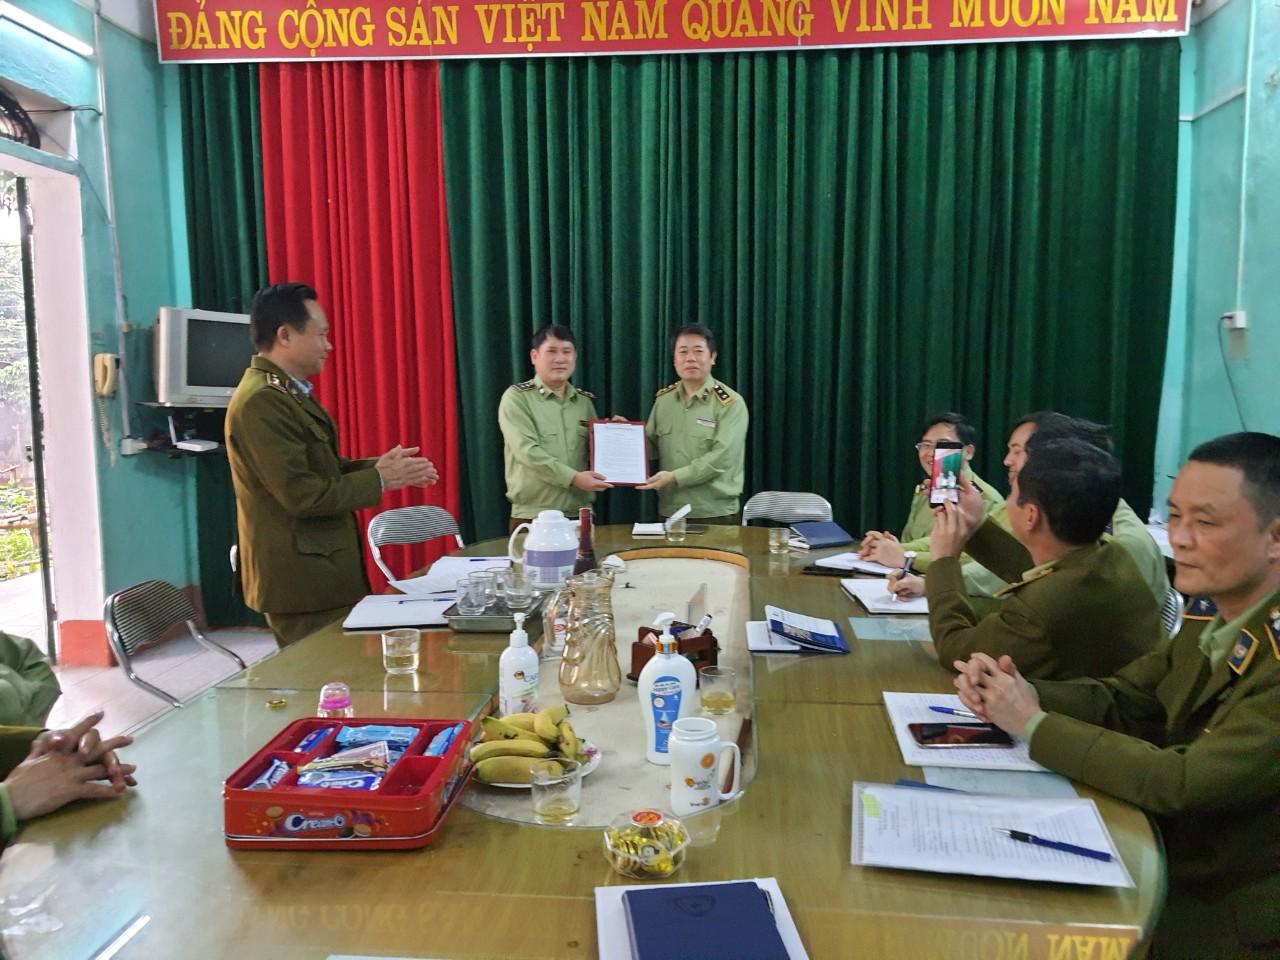 Công bố Quyết định bổ nhiệm lãnh đạo Đội QLTT số 3, trực thuộc Cục QLTT tỉnh Lào Cai